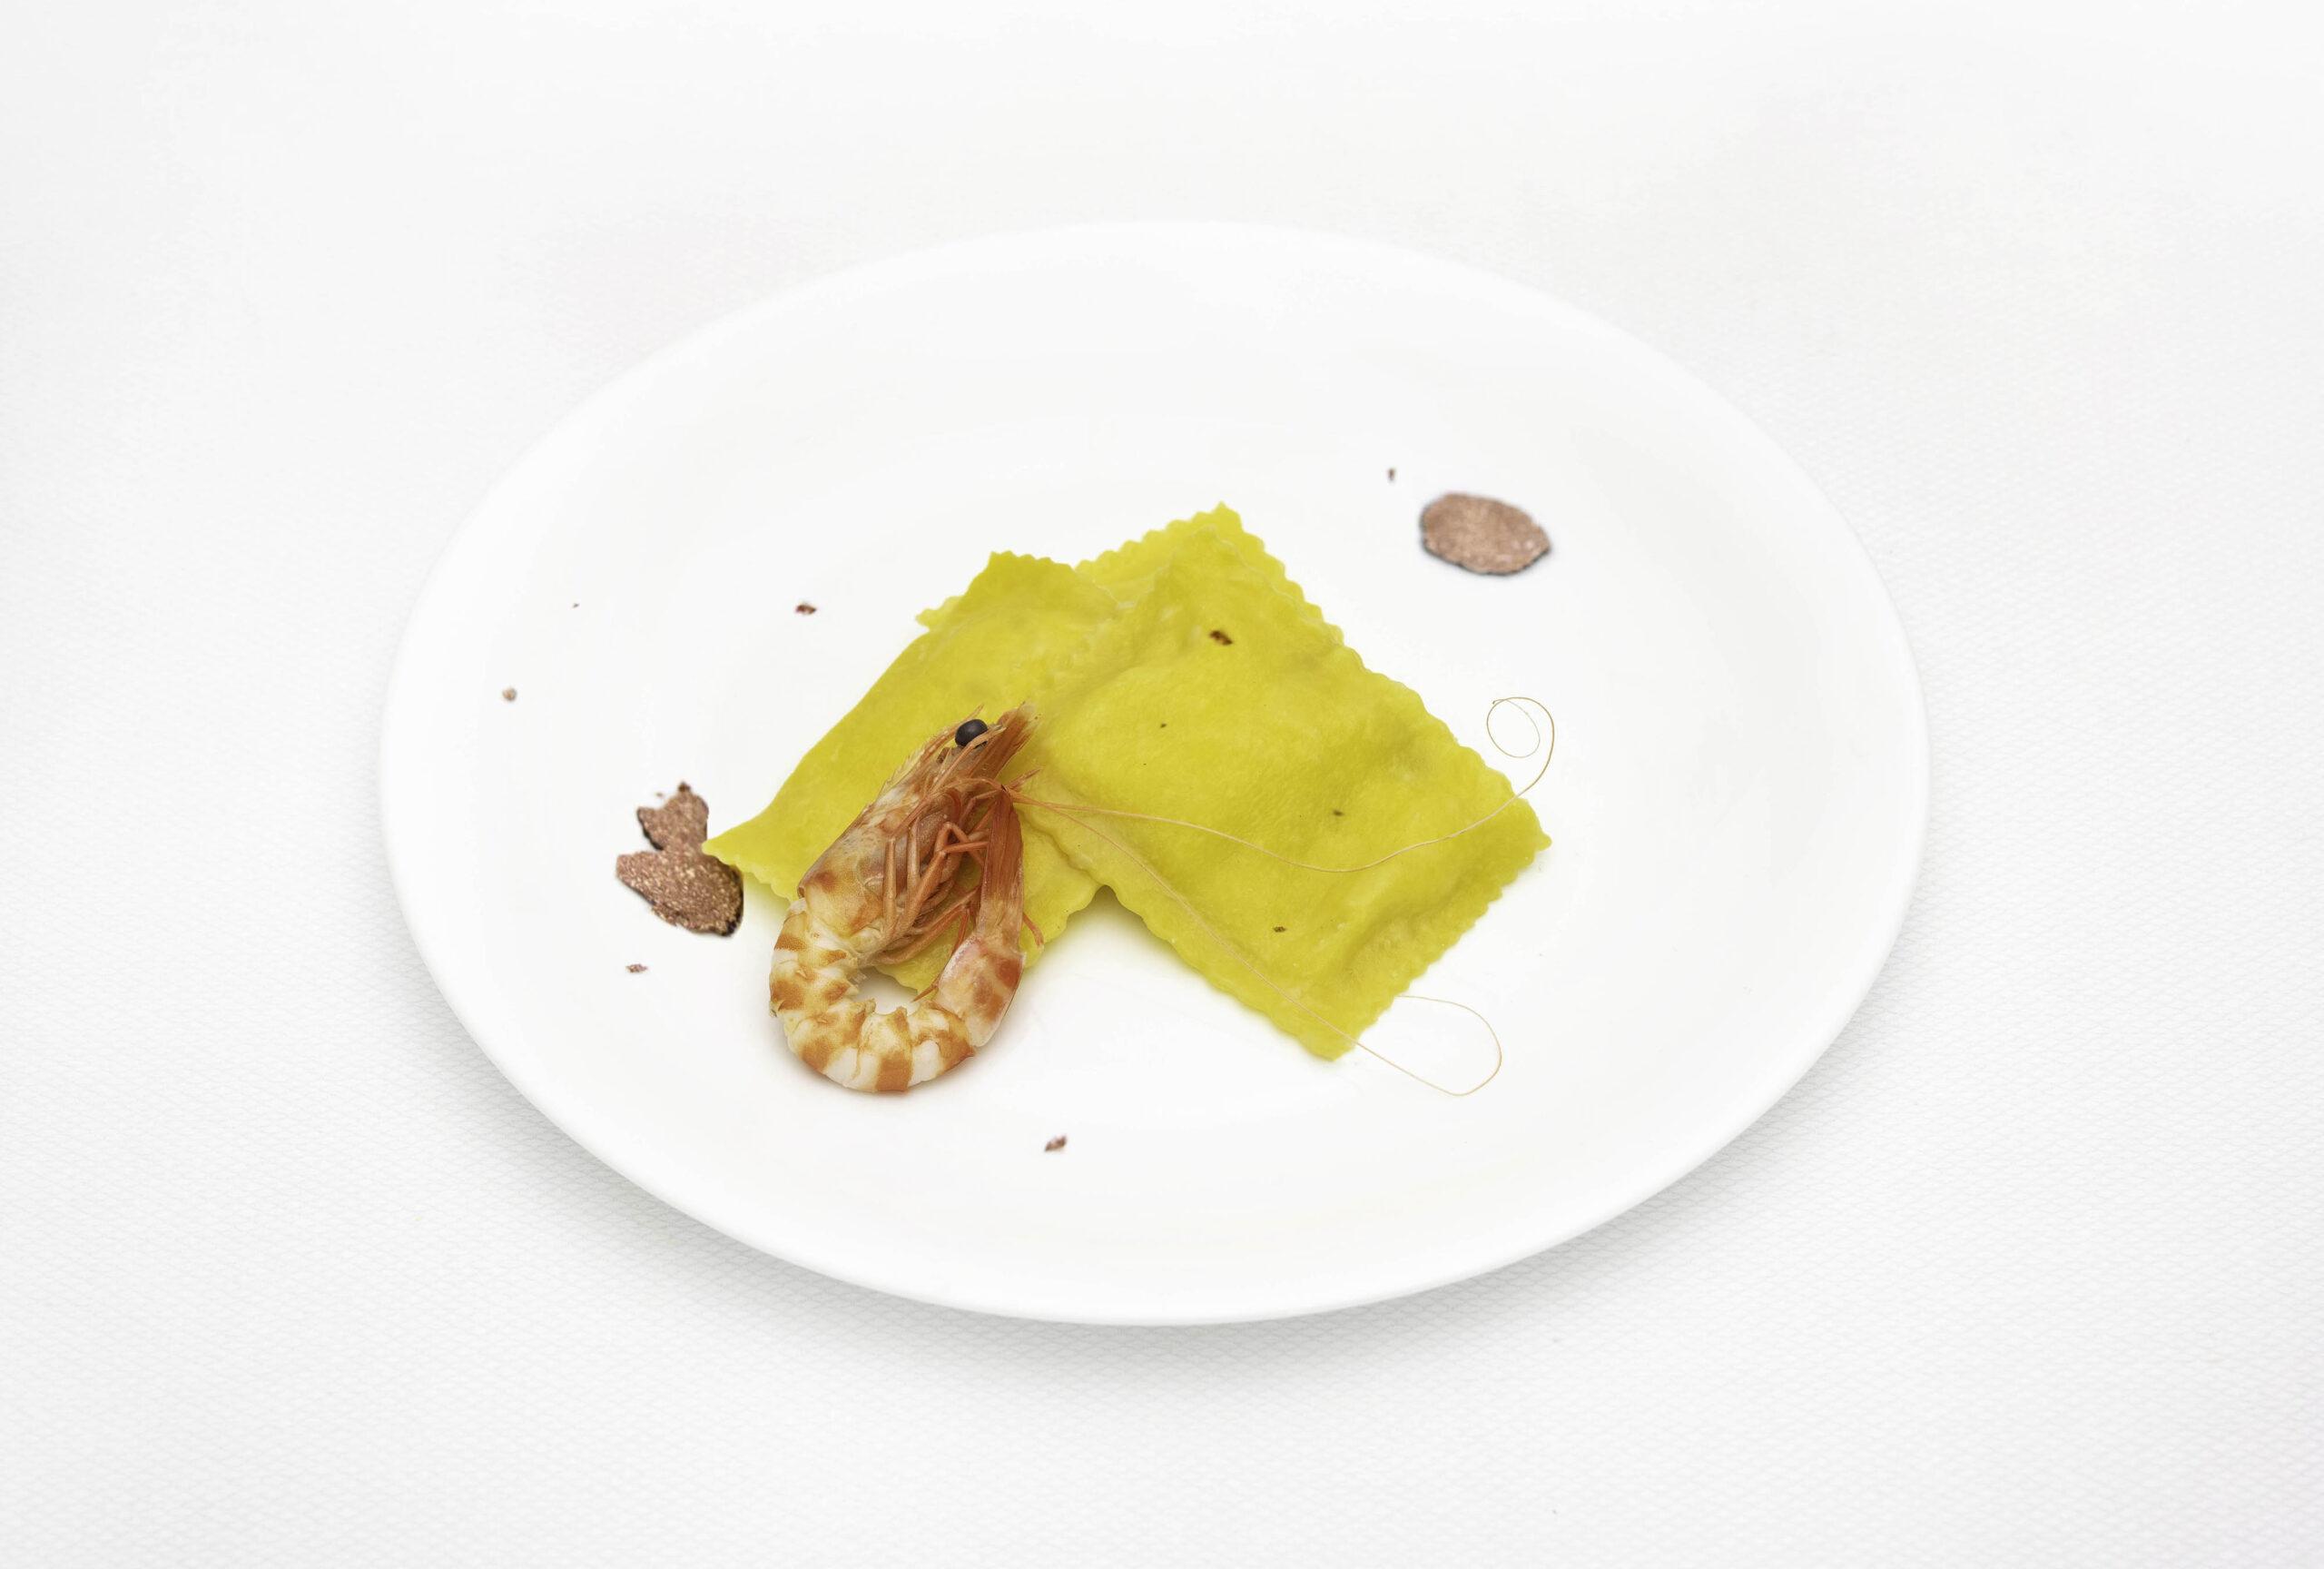 Pastificio_La_Fenice_Ravioloni_Cesenatico_mascarpone_tartufo_mazzancolle